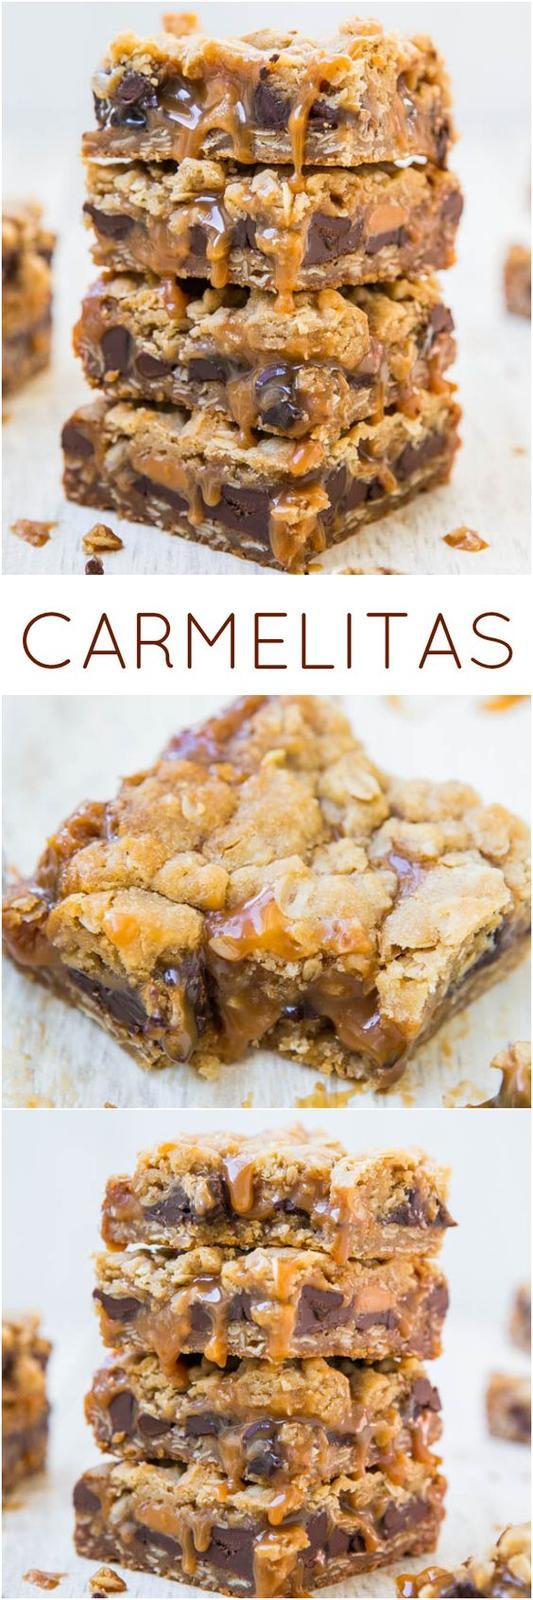 Americké koláčky - Carmelitas